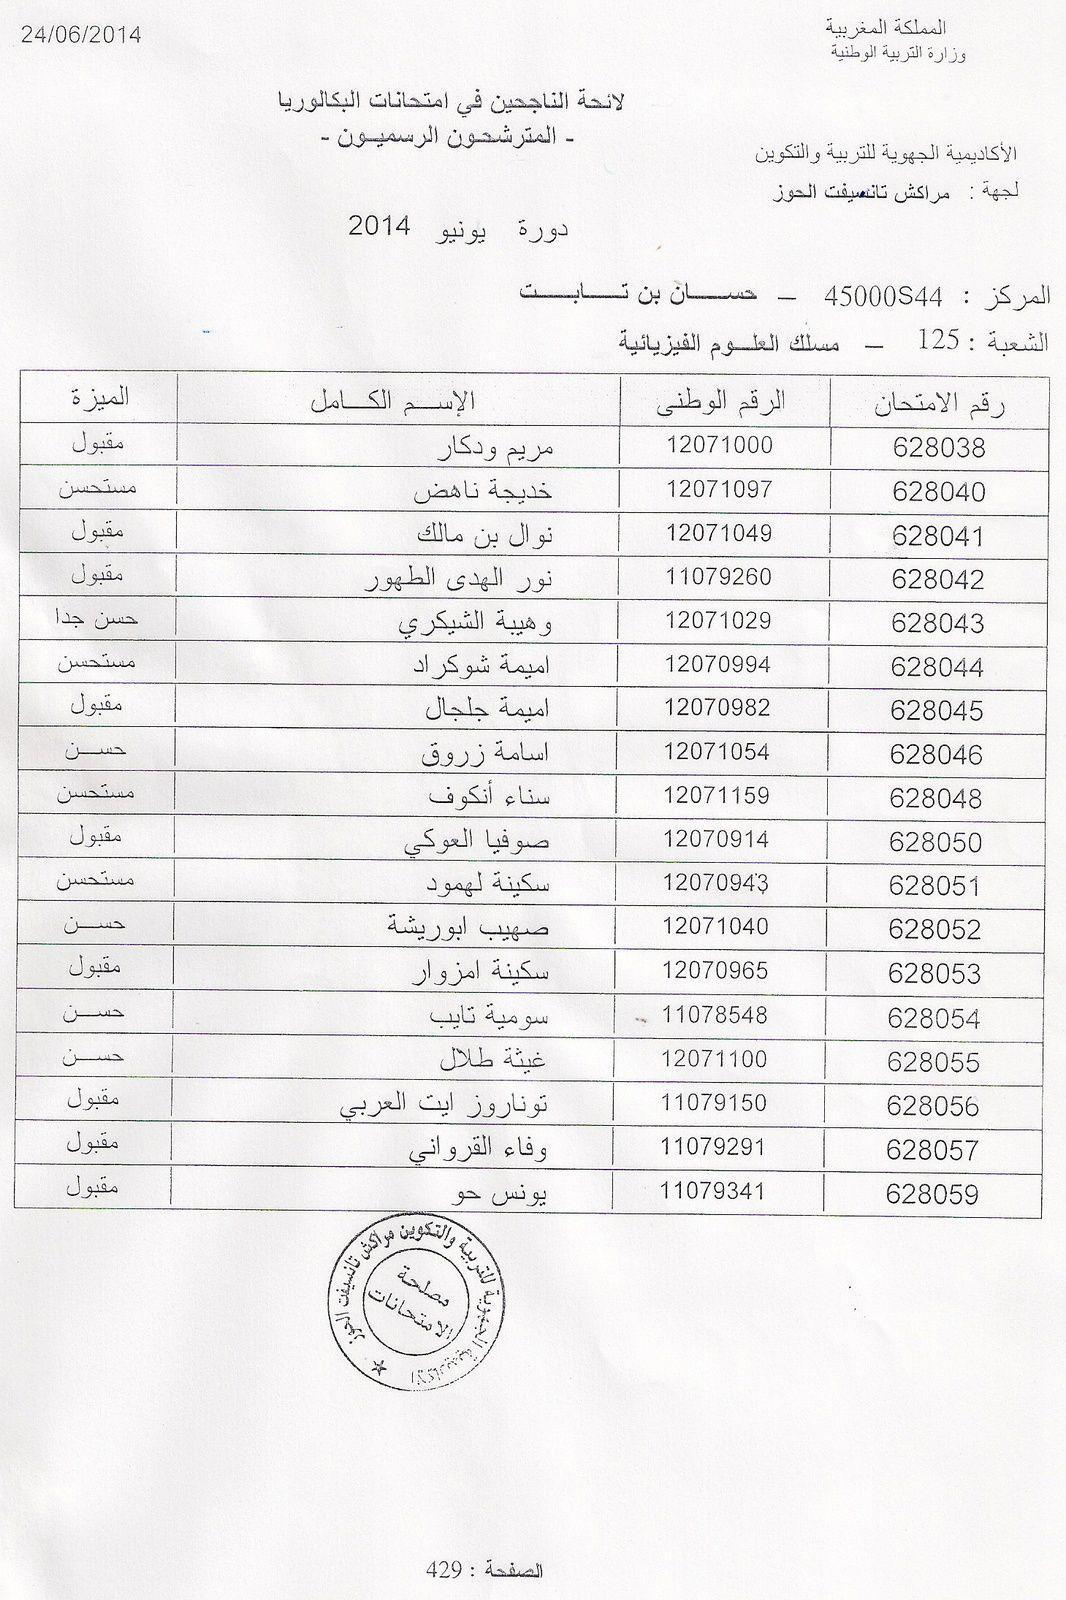 نتائج امتحانات البكالوريا الدورة العادية2013/2014 ثانوية حسان بن ثابت التأهيلية مراكش.